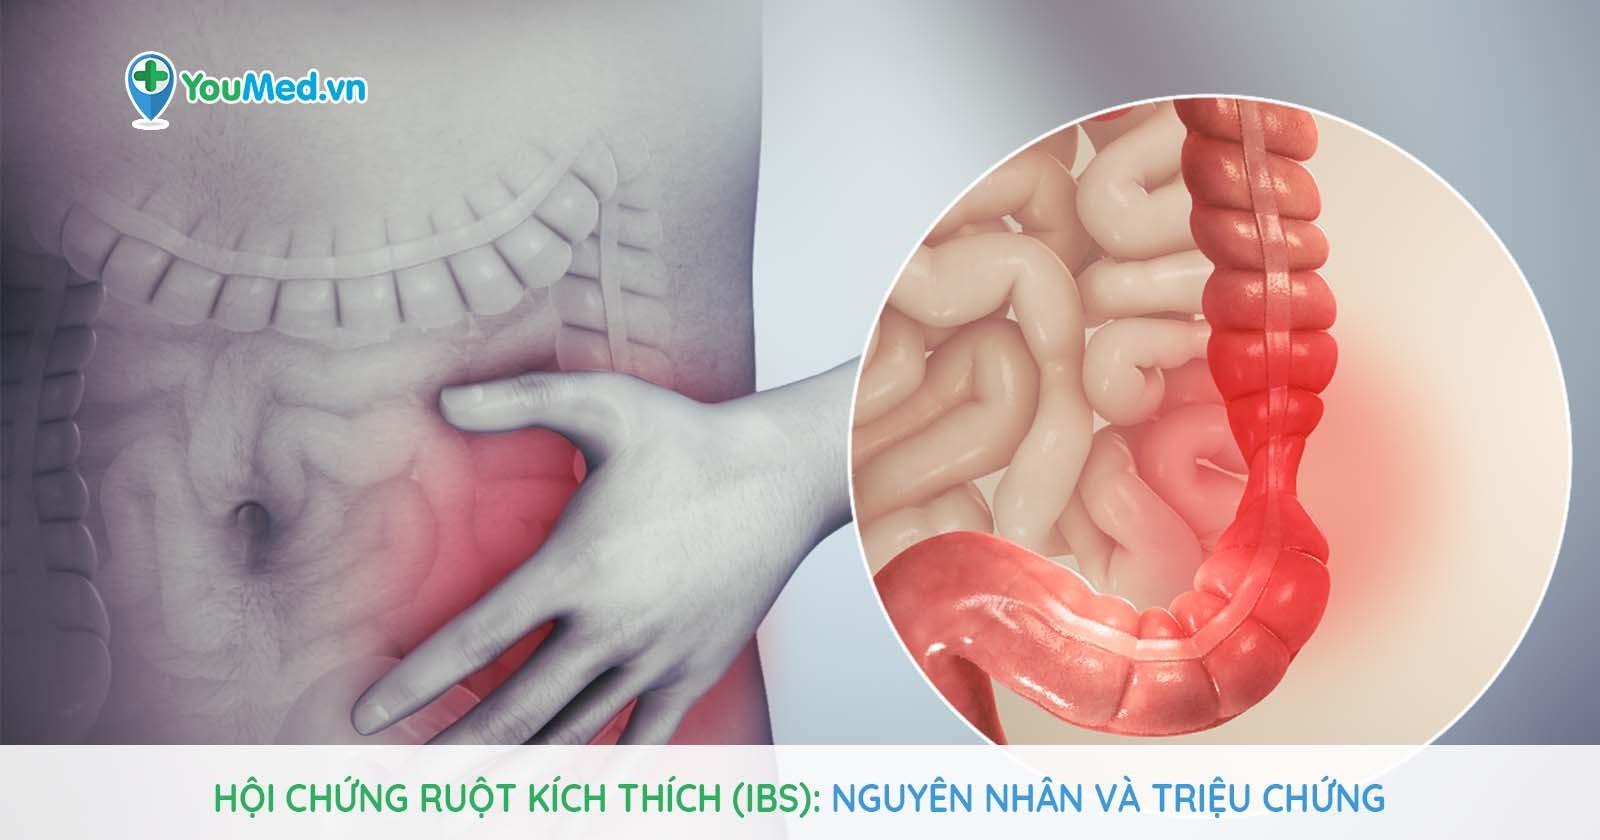 Hội chứng ruột kích thích (IBS): Nguyên nhân và triệu chứng.